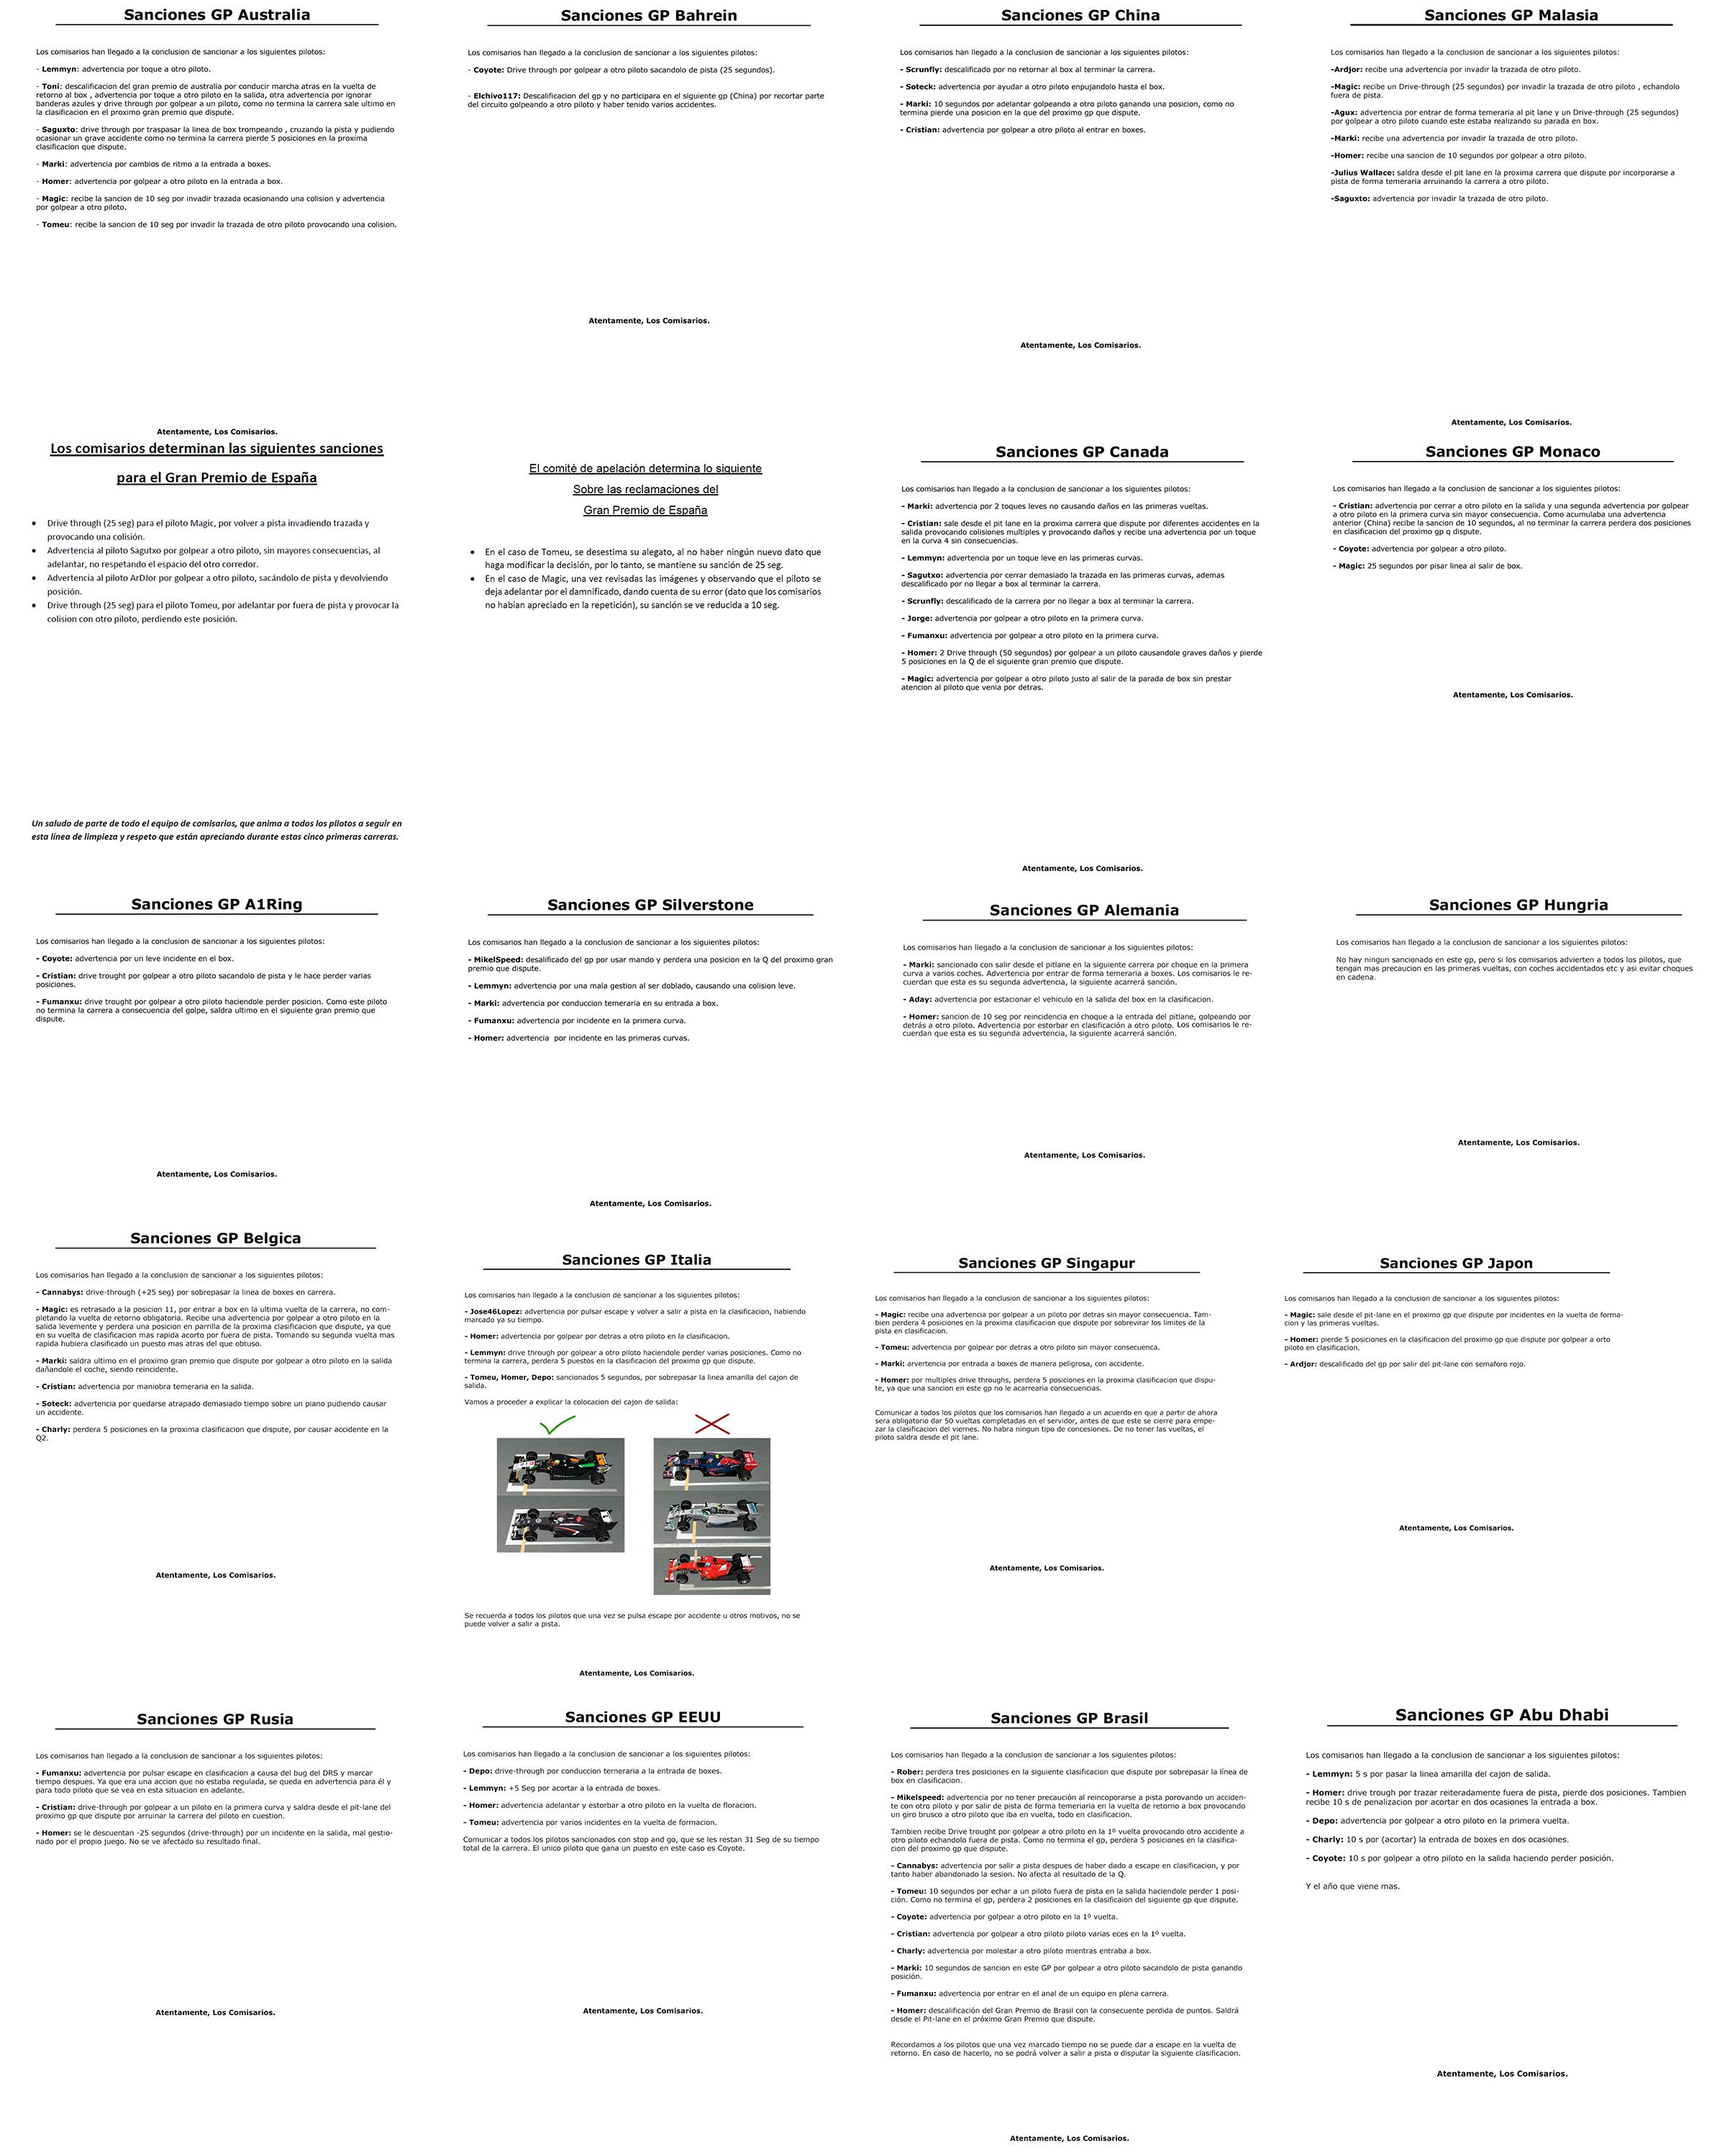 Resultados 2014 Todas-Las-Sanciones-2014